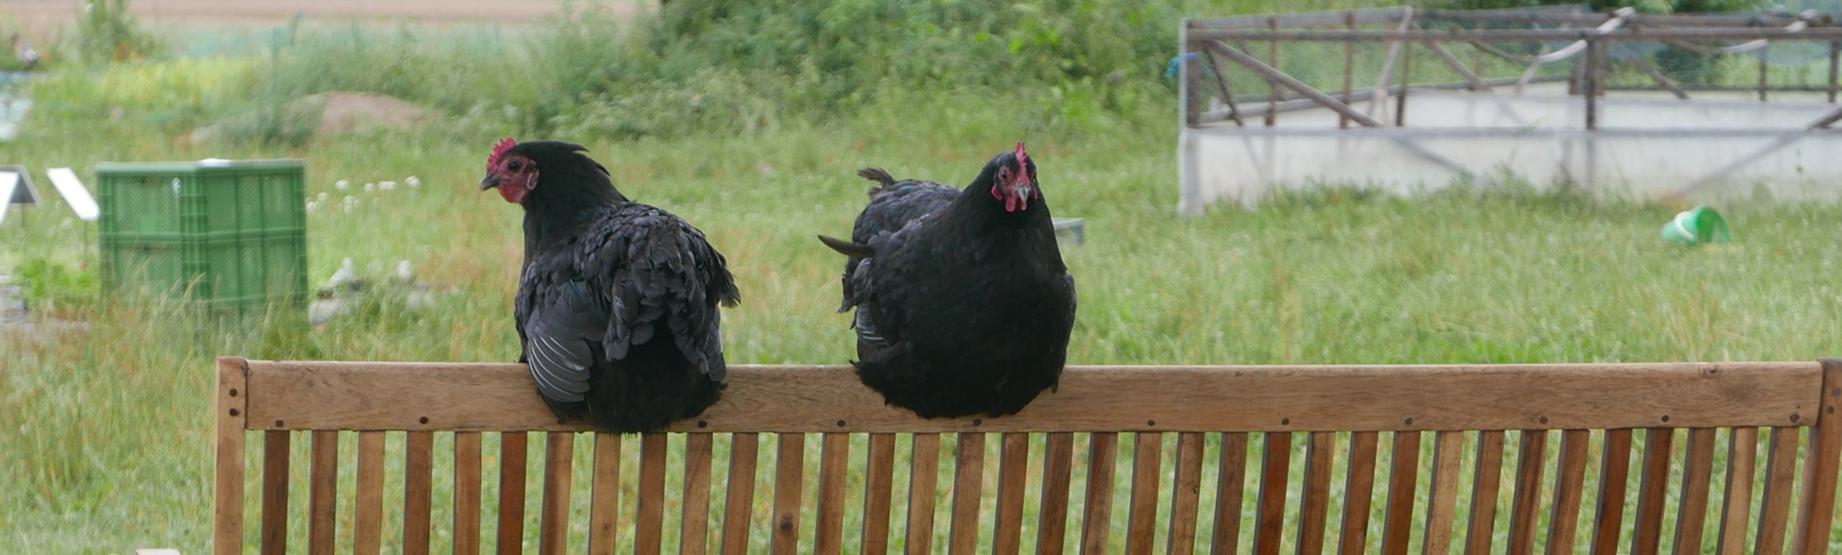 Hühner auf der Bank